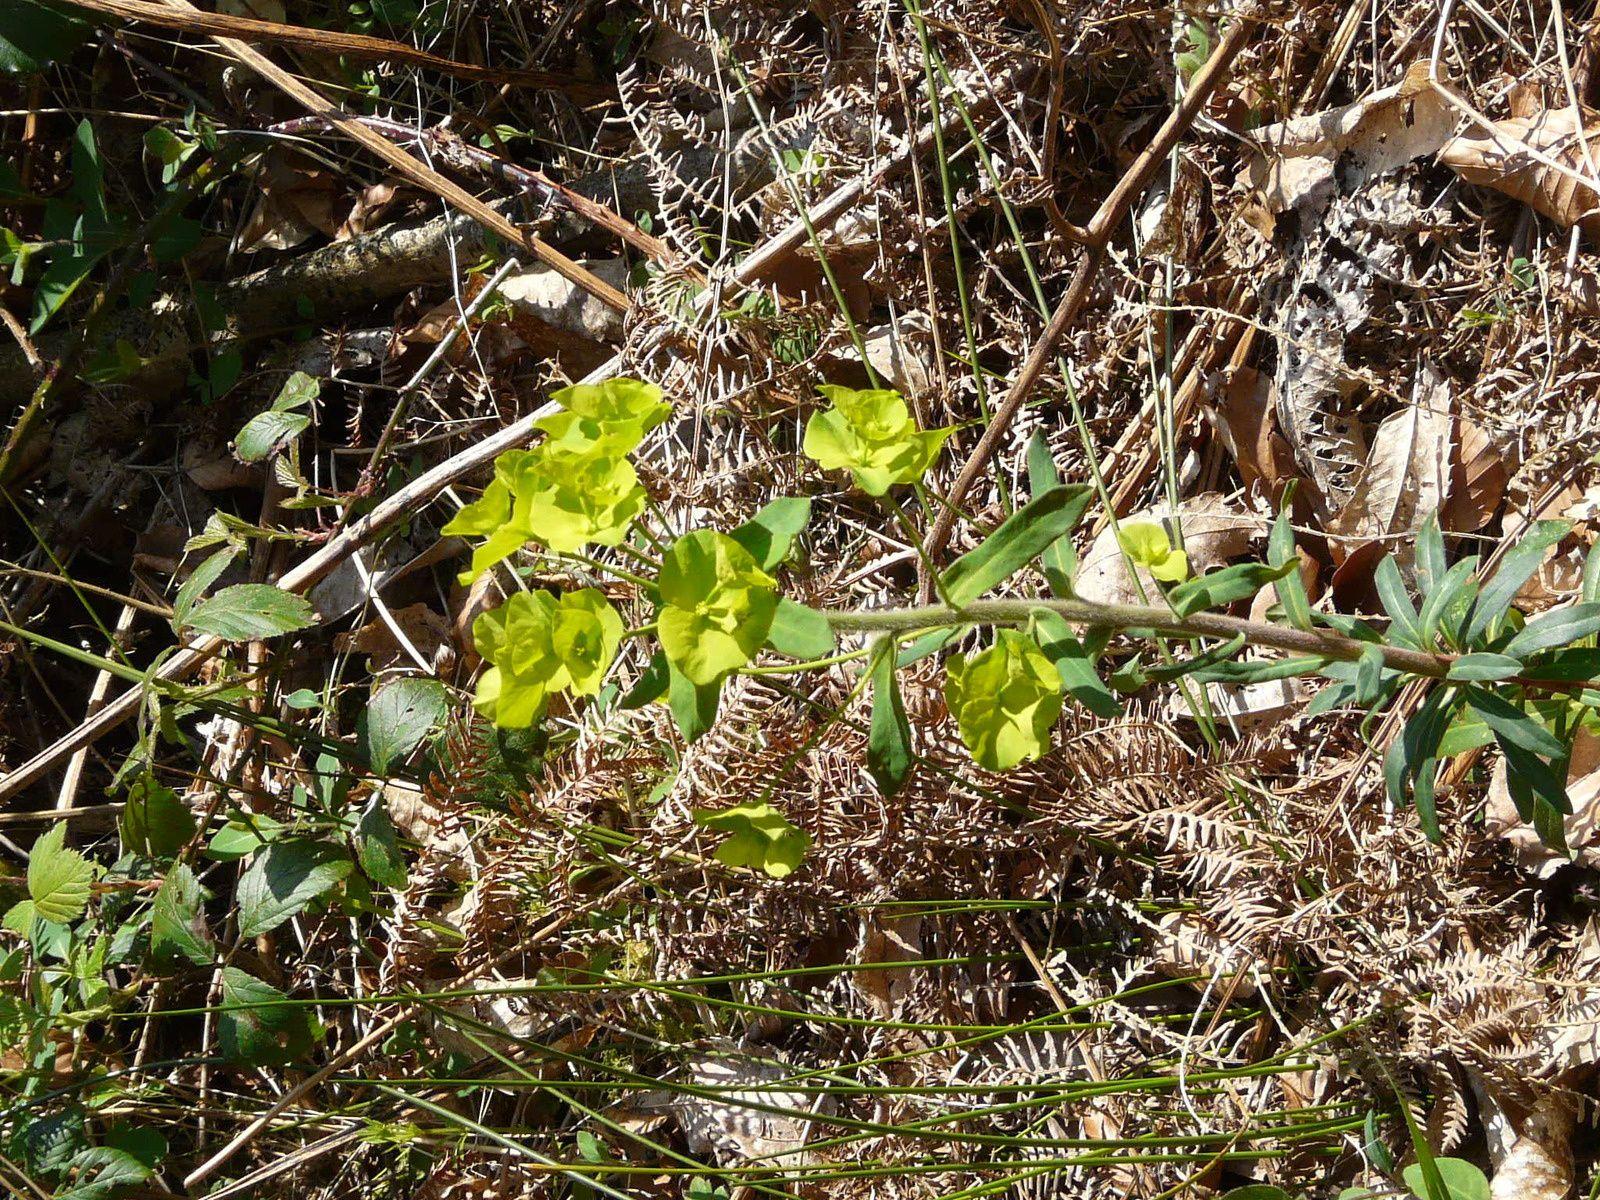 Voici l'Euphorbe des bois... et ses fleurs verdâtres.